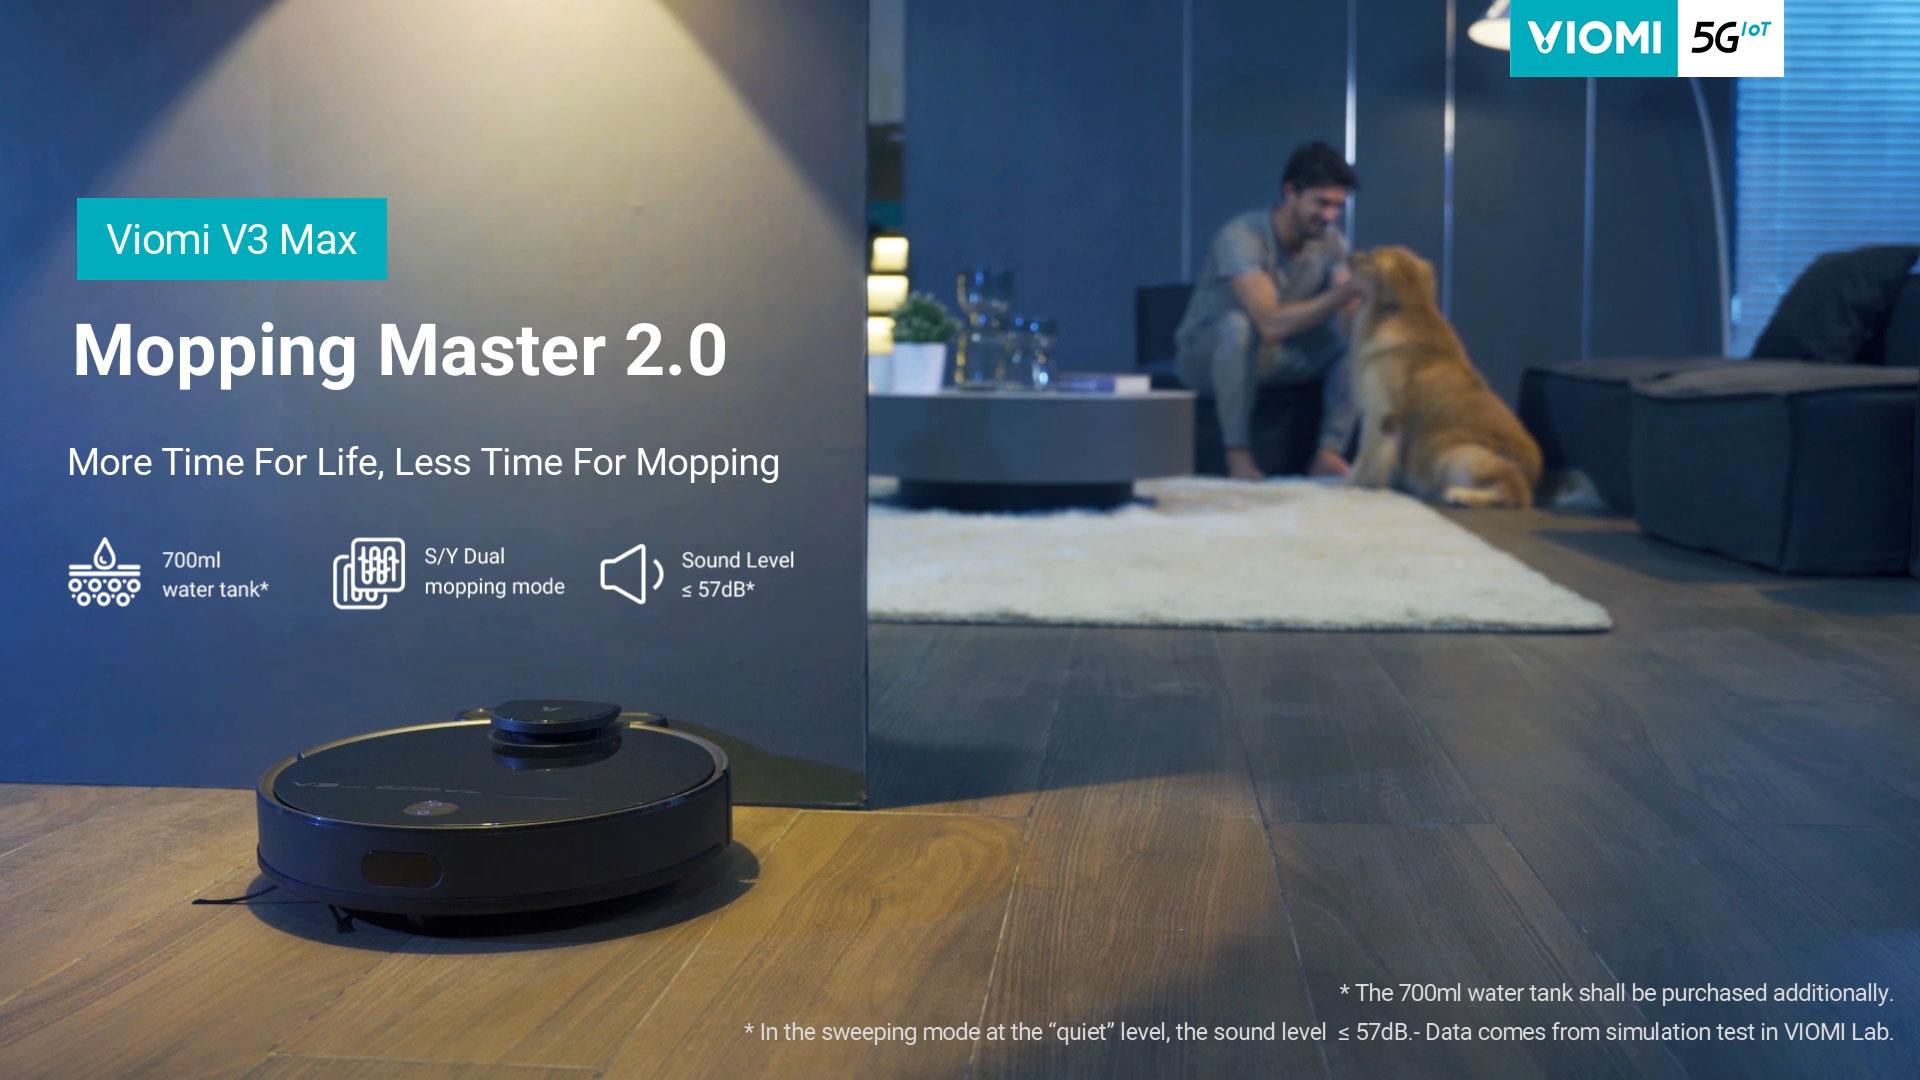 Introducing Viomi Robot Vacuum V3 MAX - Mopping Master 2.0